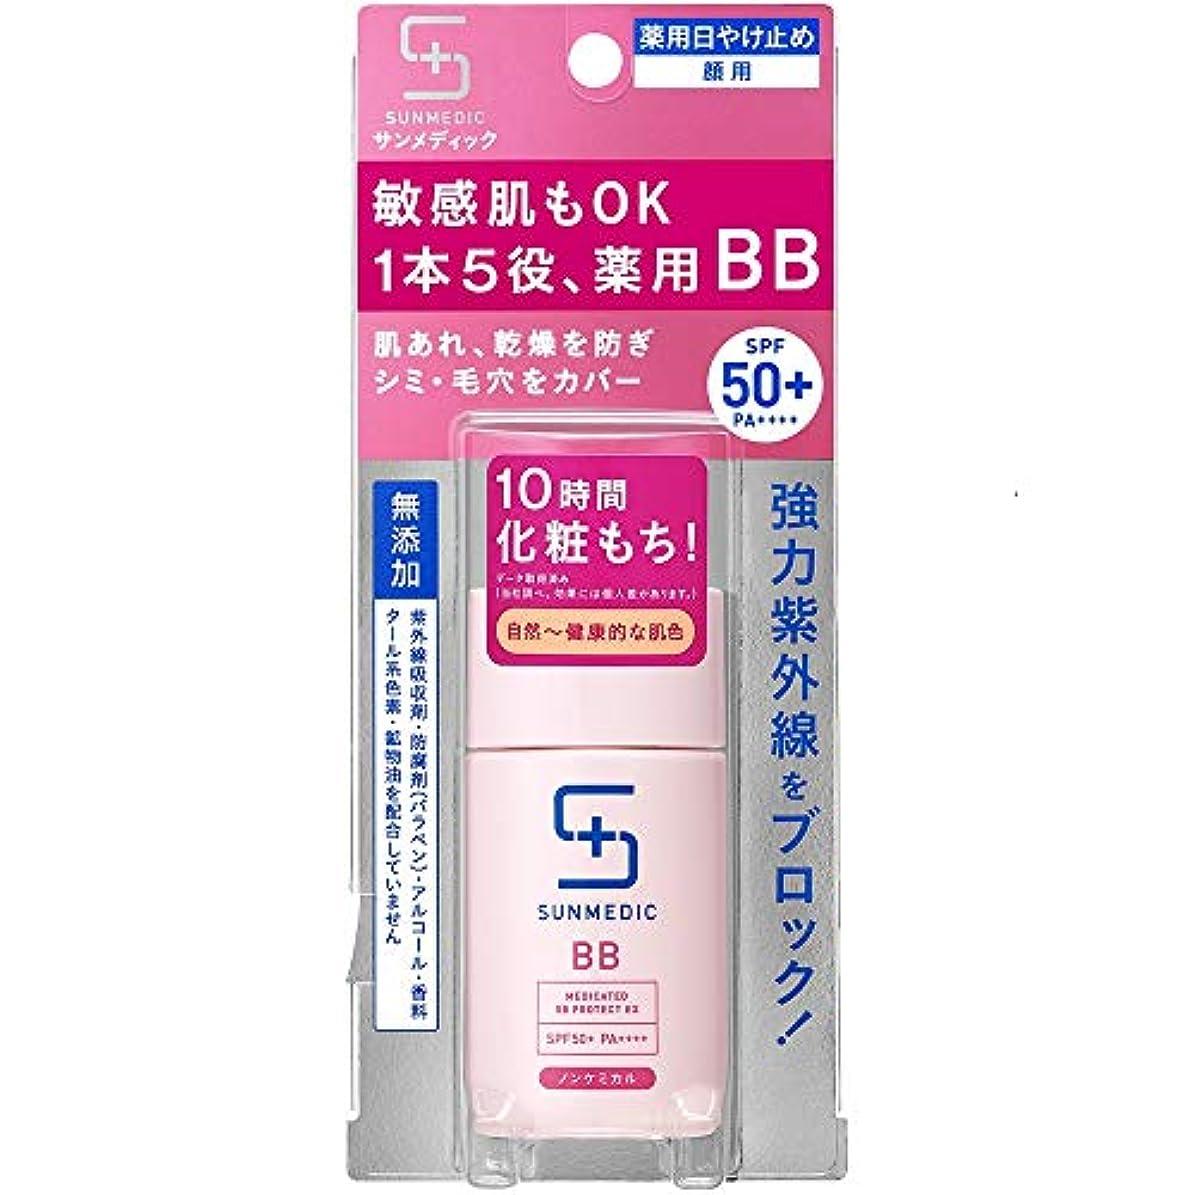 切断するに頼る光景サンメディックUV 薬用BBプロテクトEX ナチュラル 30ml (医薬部外品)